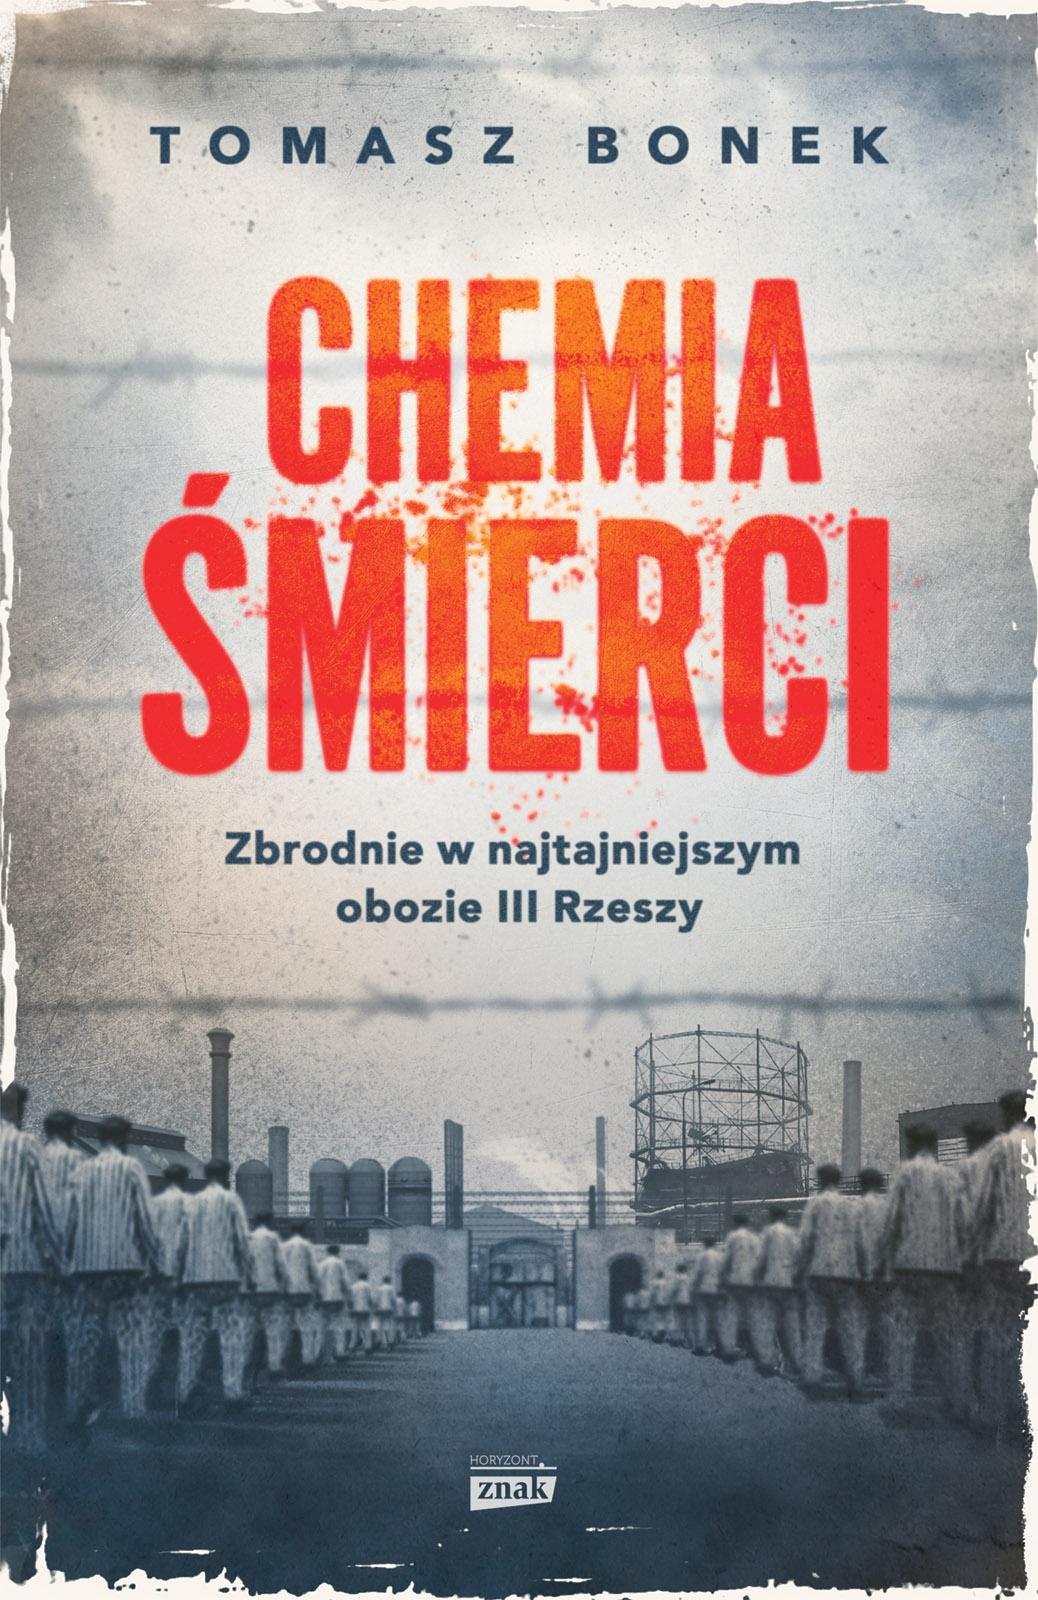 Chemia śmierci. Tomasz Bonek